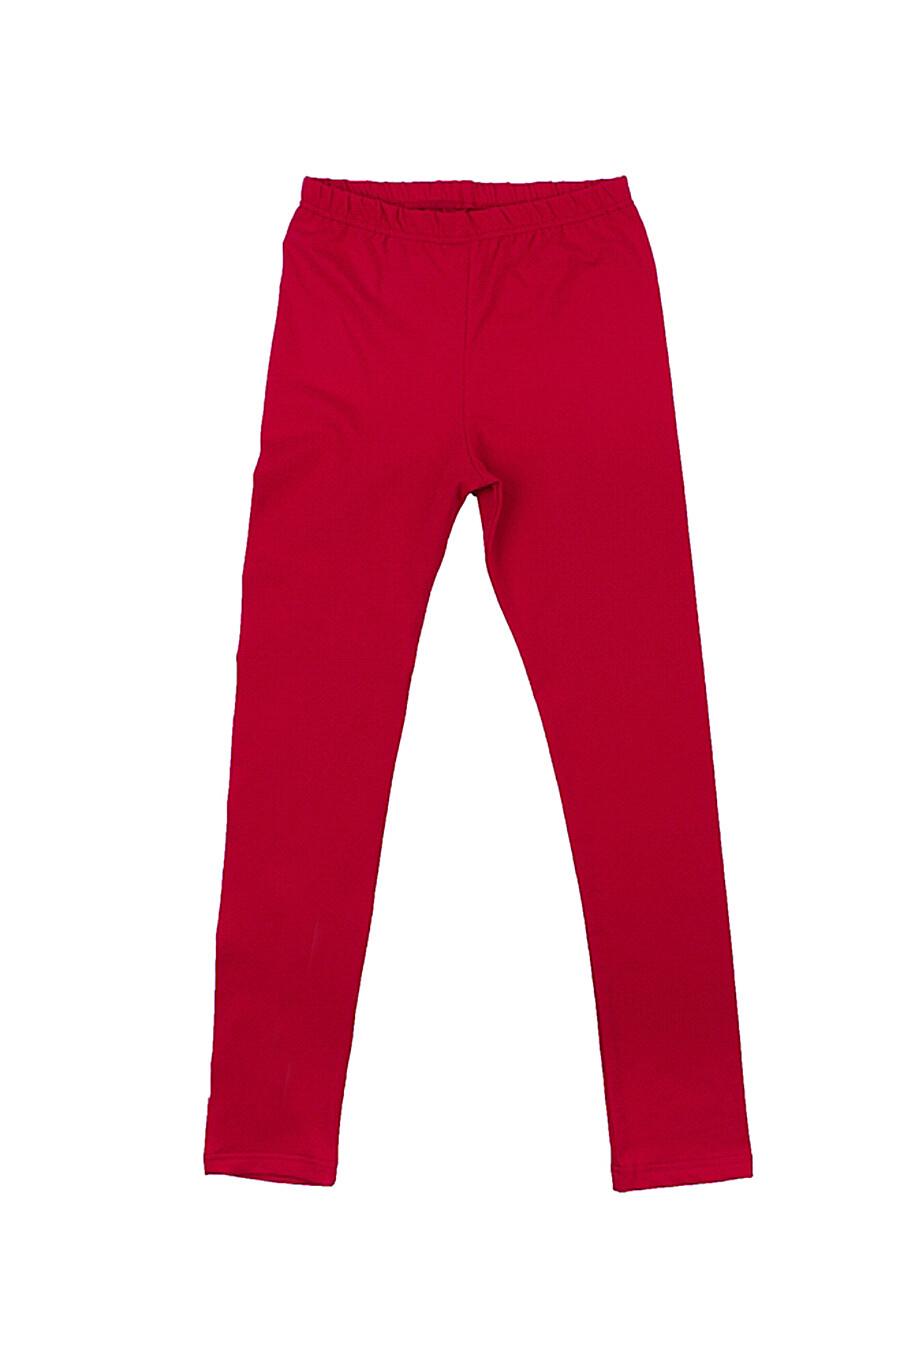 Рейтузы для женщин Archi 130635 купить оптом от производителя. Совместная покупка женской одежды в OptMoyo